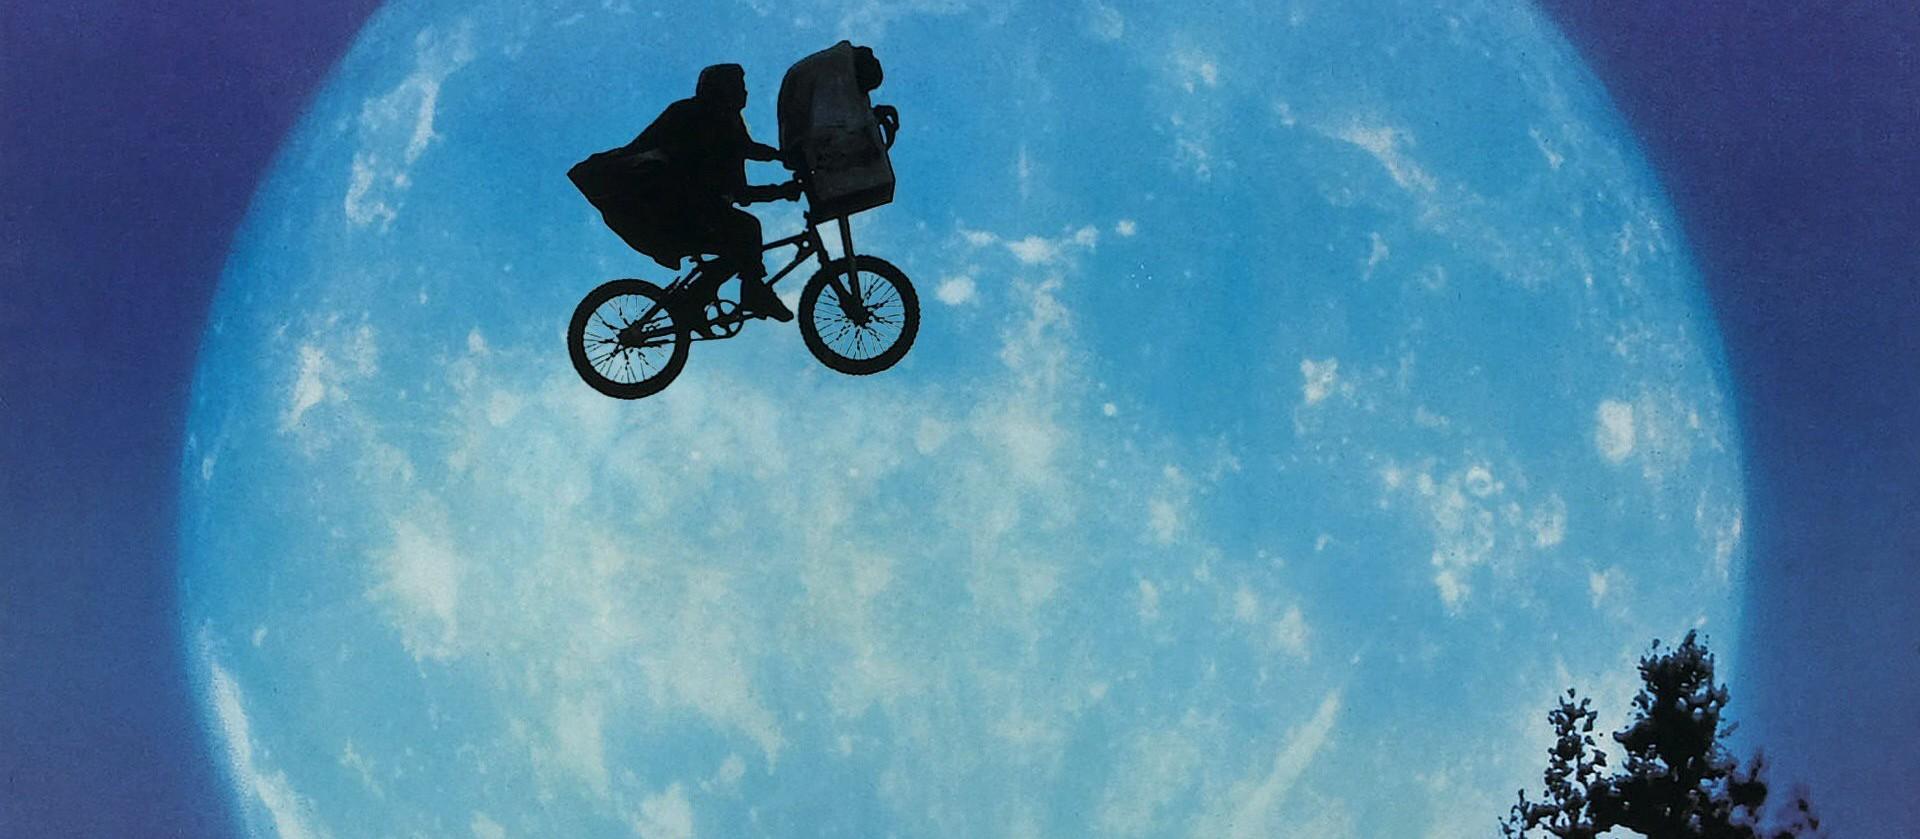 Contatos imediatos: Filmes com extraterrestres